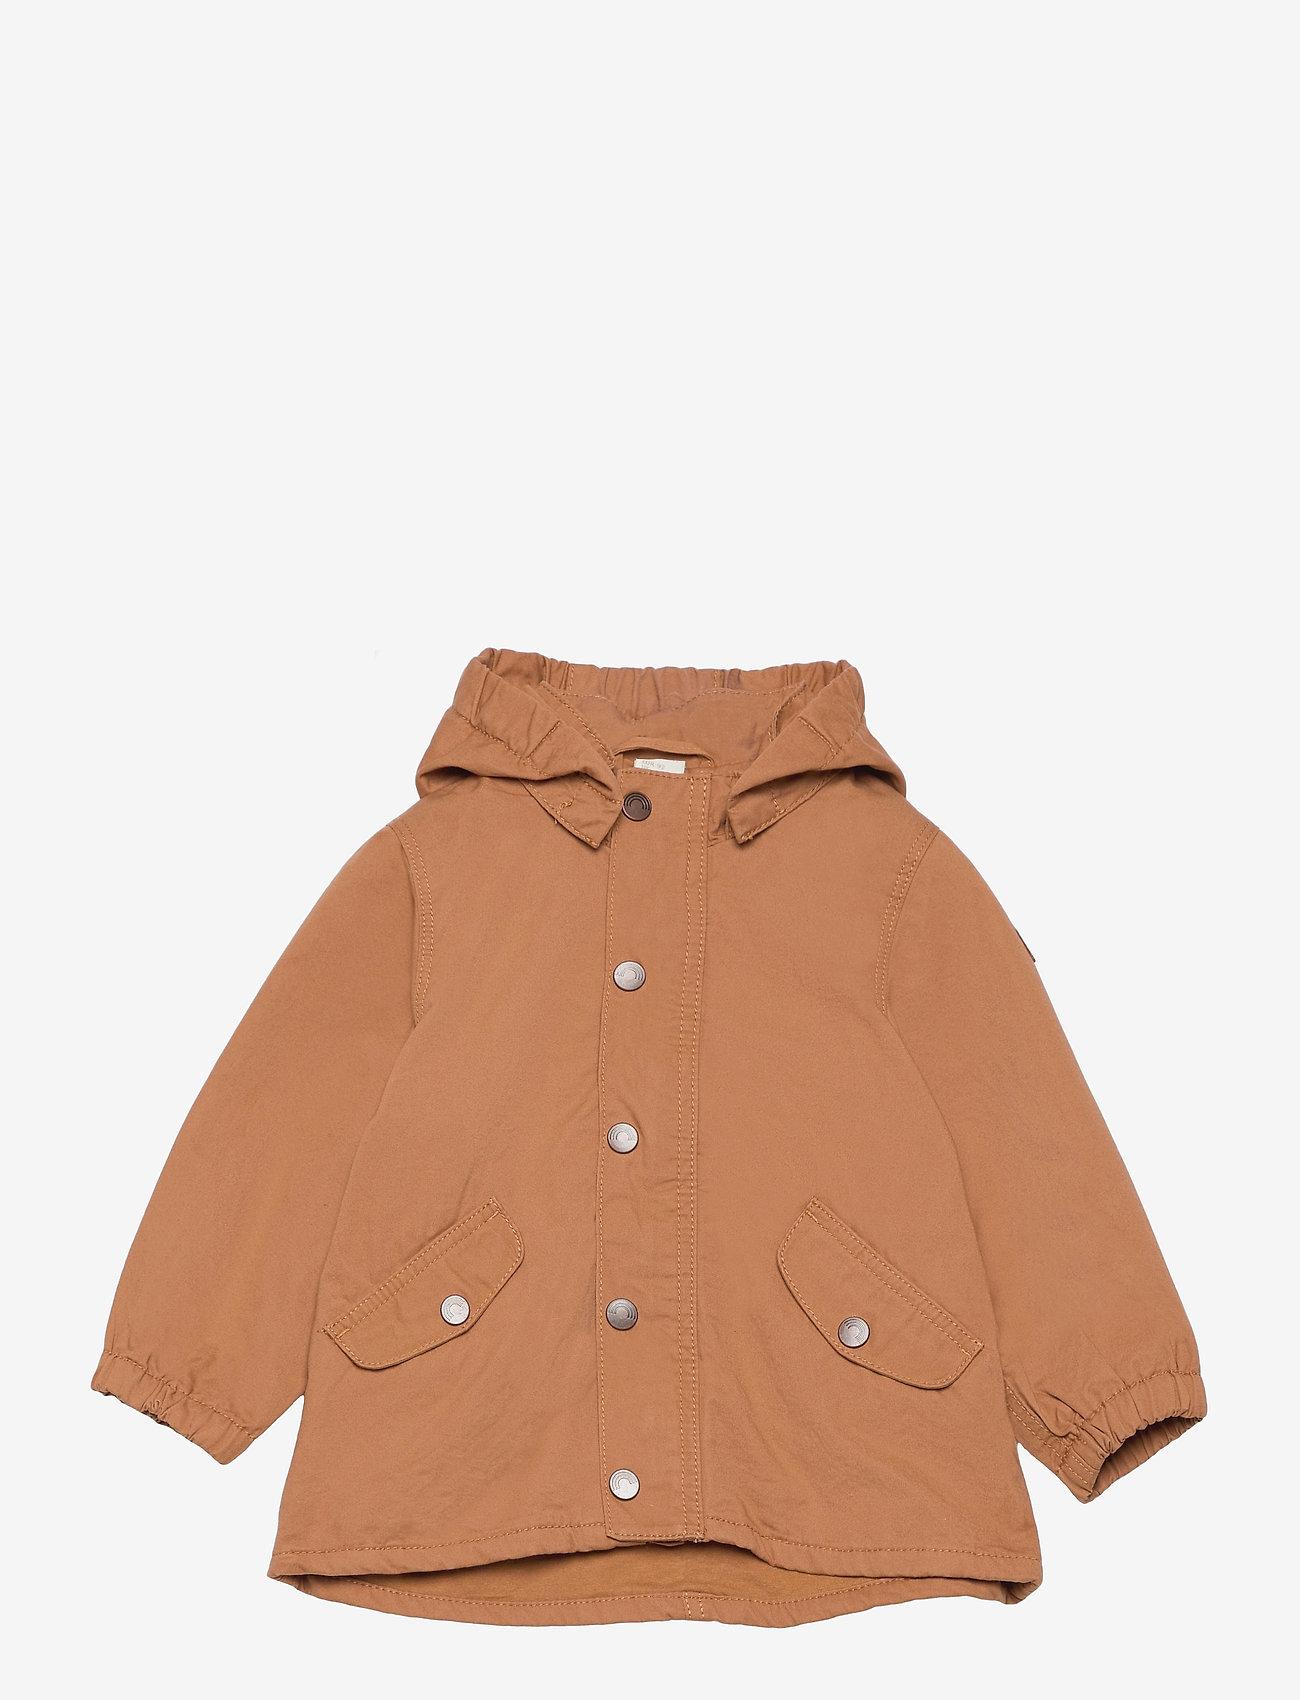 Lindex - Jacket cotton parka - parkas - brown - 0